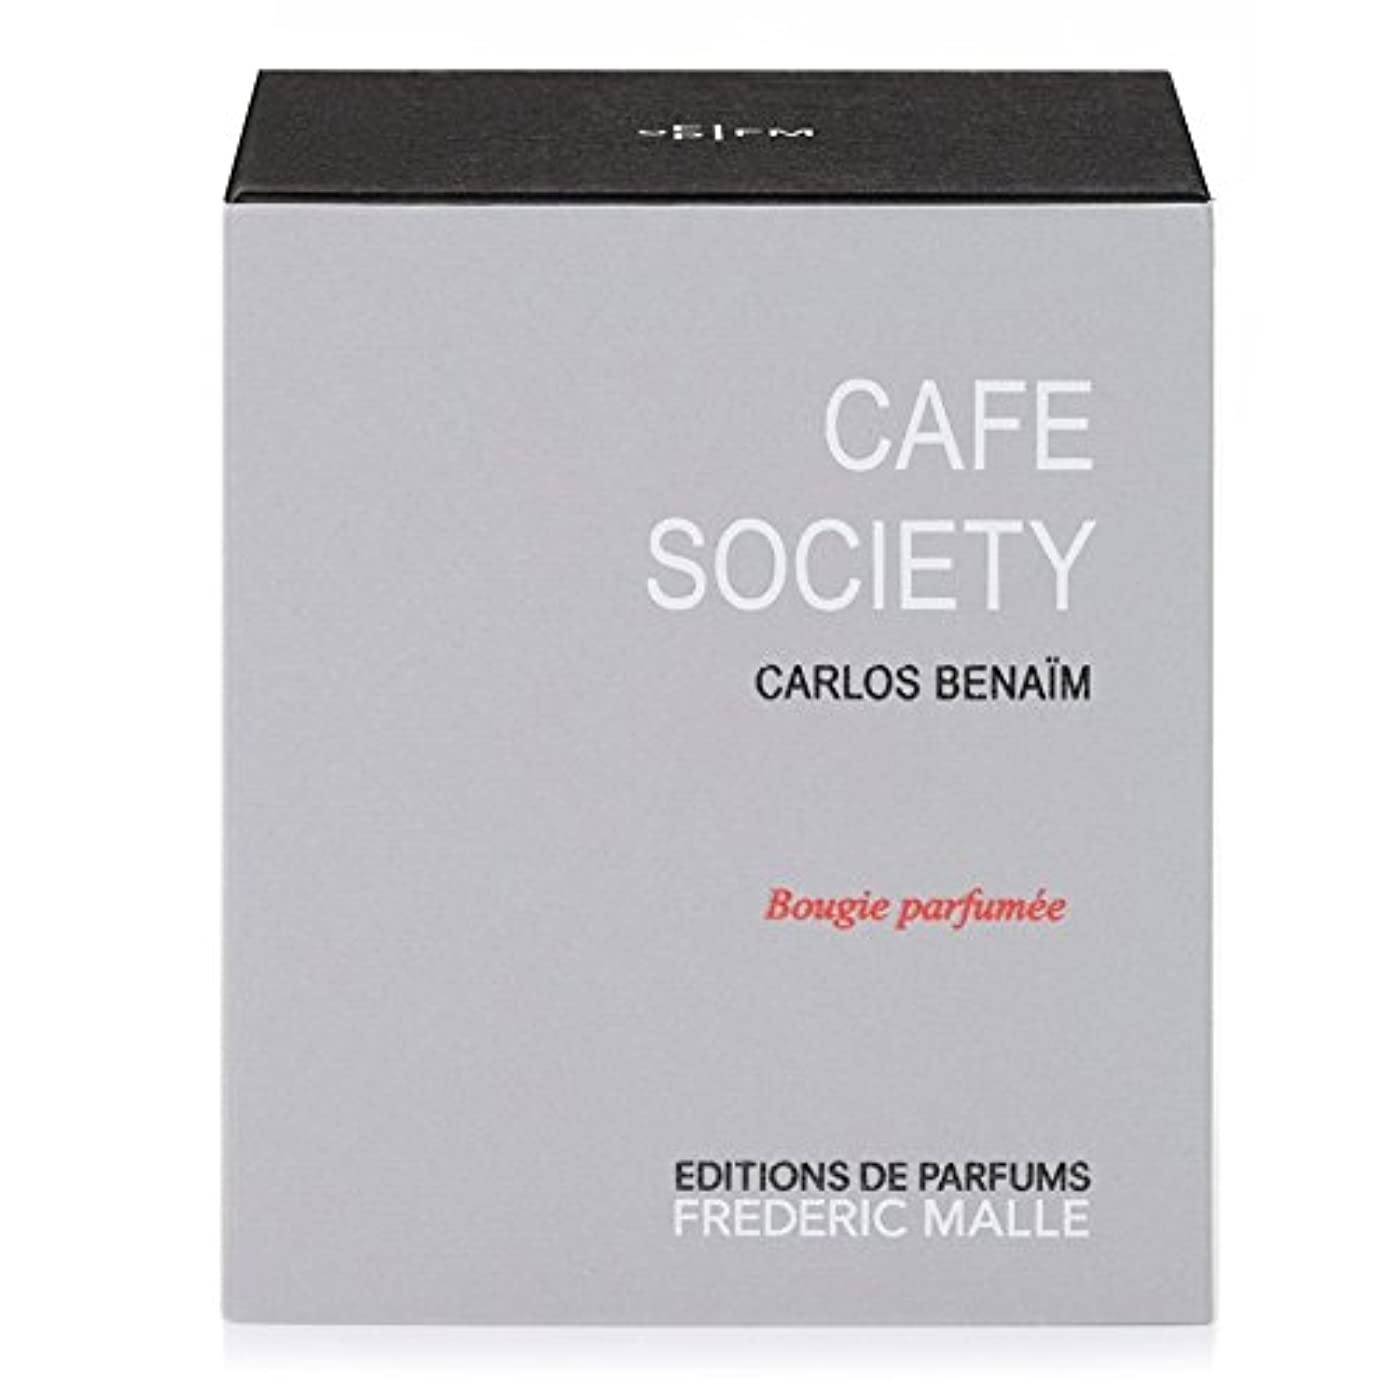 忌避剤アクセスできない増幅するFrederic Malle Cafe Society Scented Candle 220g (Pack of 4) - フレデリック?マルカフェ社会の香りのキャンドル220グラム x4 [並行輸入品]